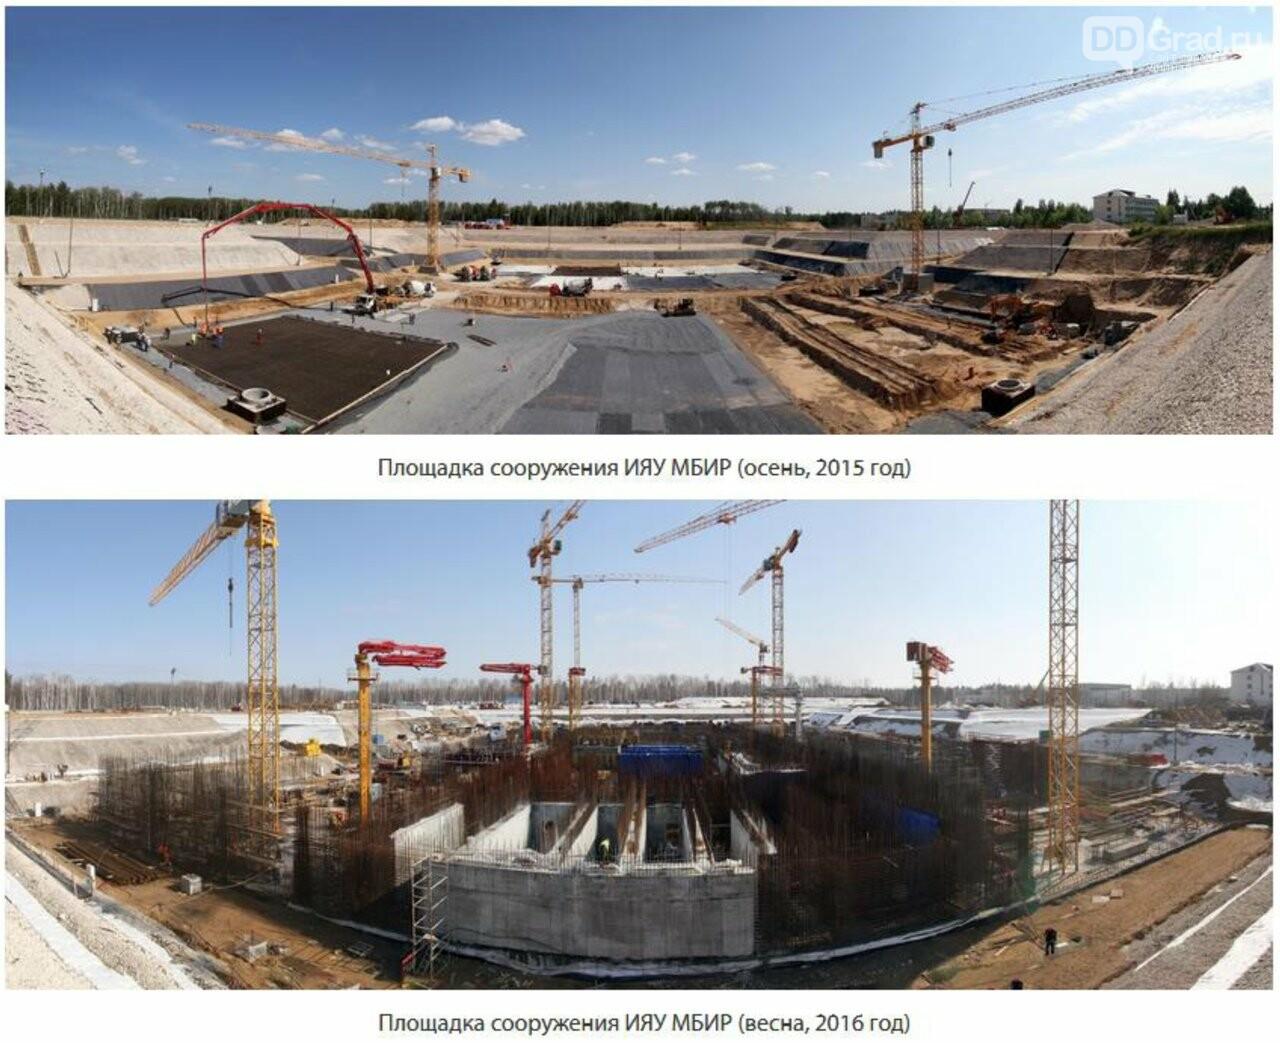 В Димитровграде продолжается строительство исследовательского реактора на быстрых нейронах, фото-2